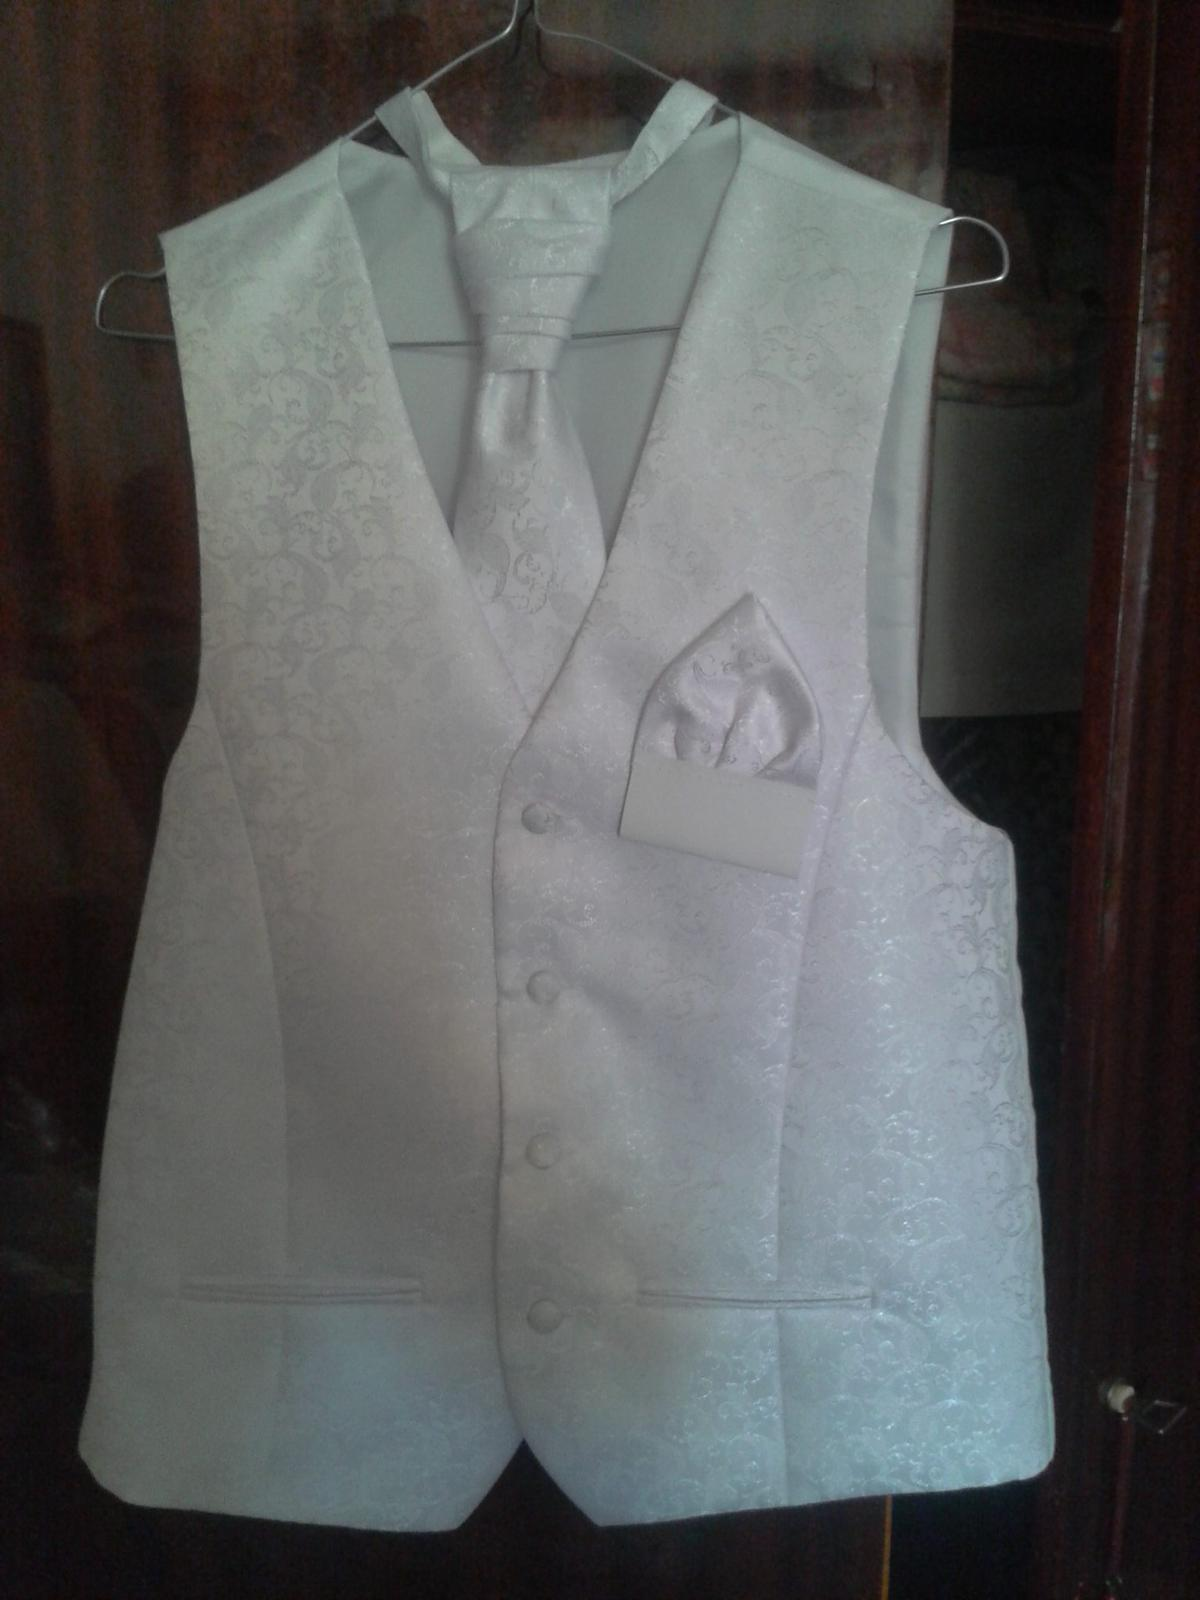 Svadobná vesta s kravatou - Obrázok č. 1